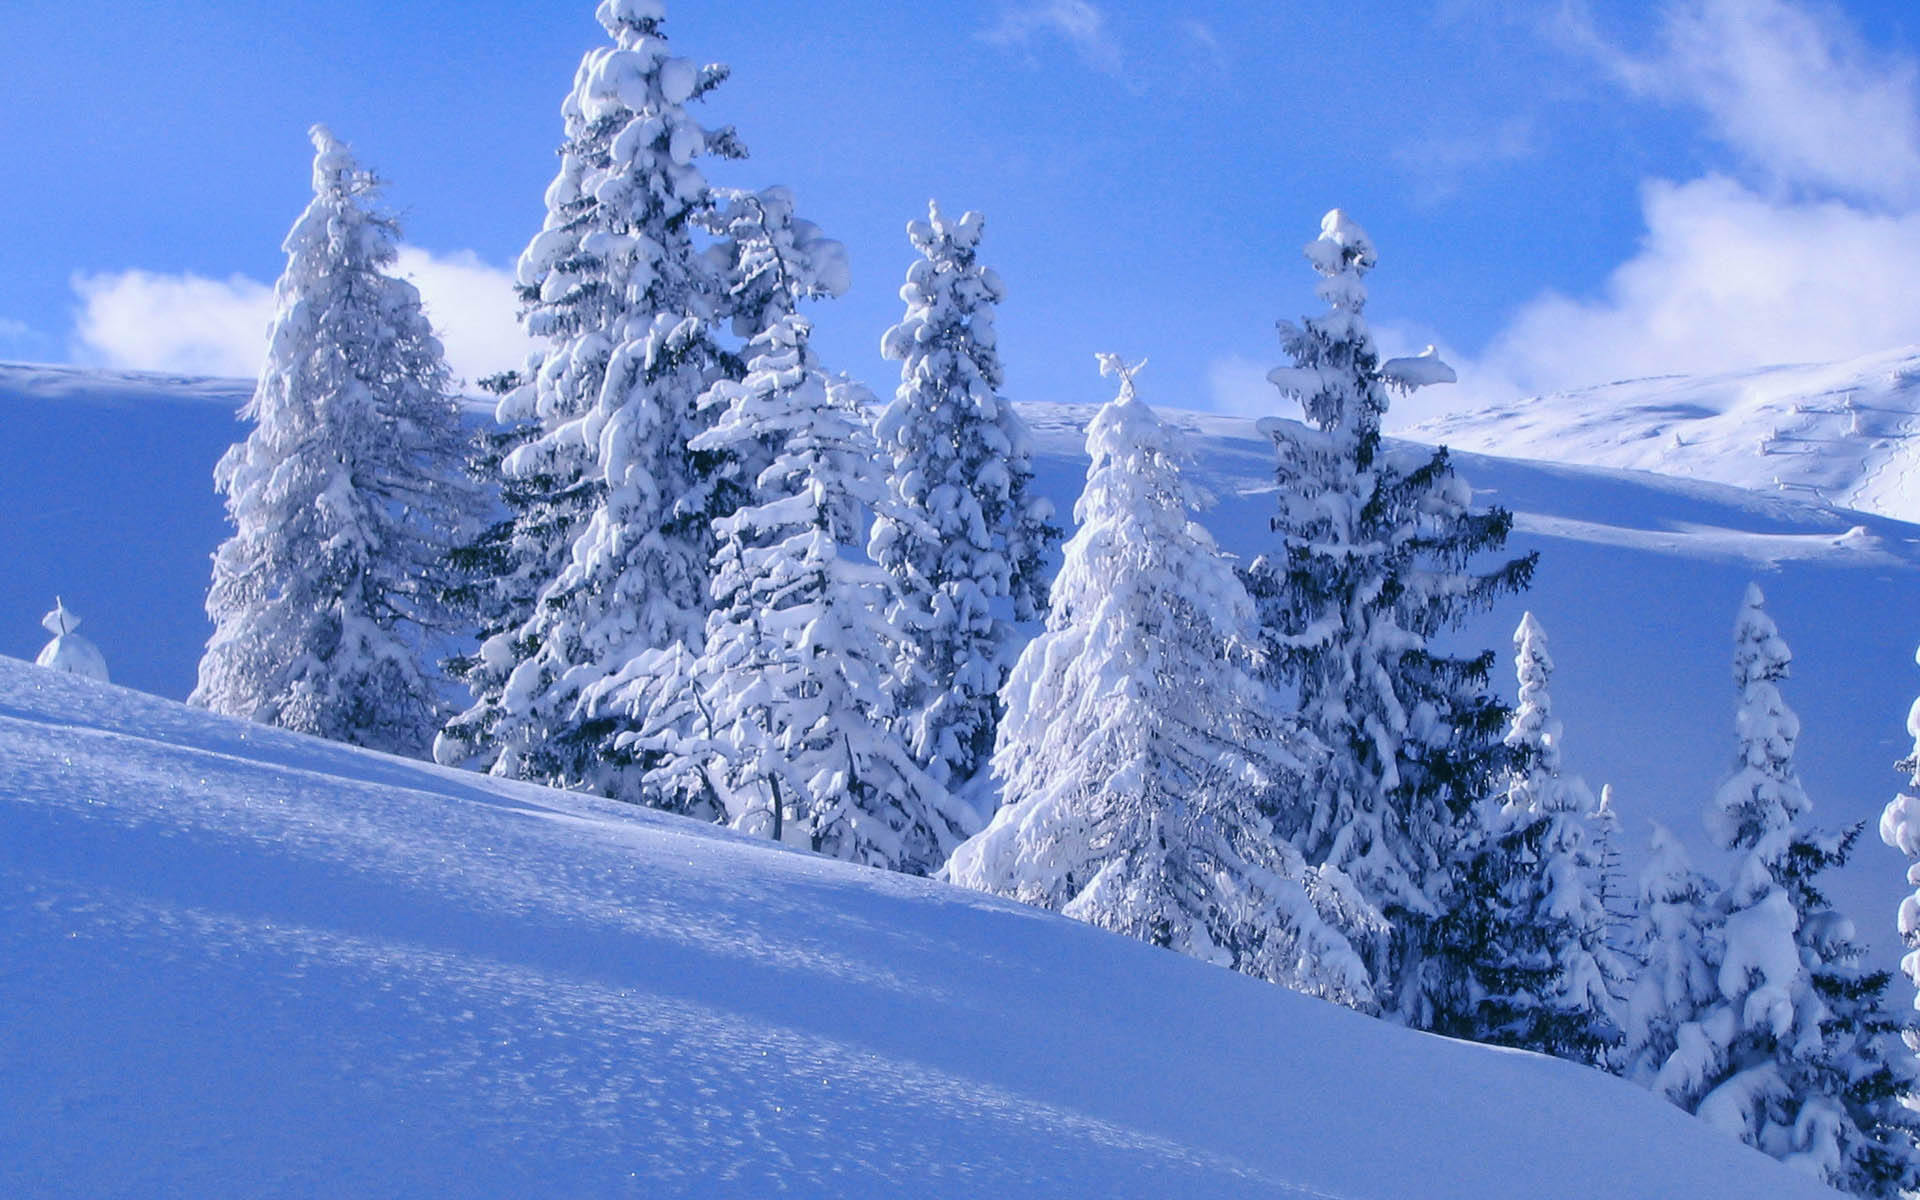 Картинка зимний пейзаж с деревьями